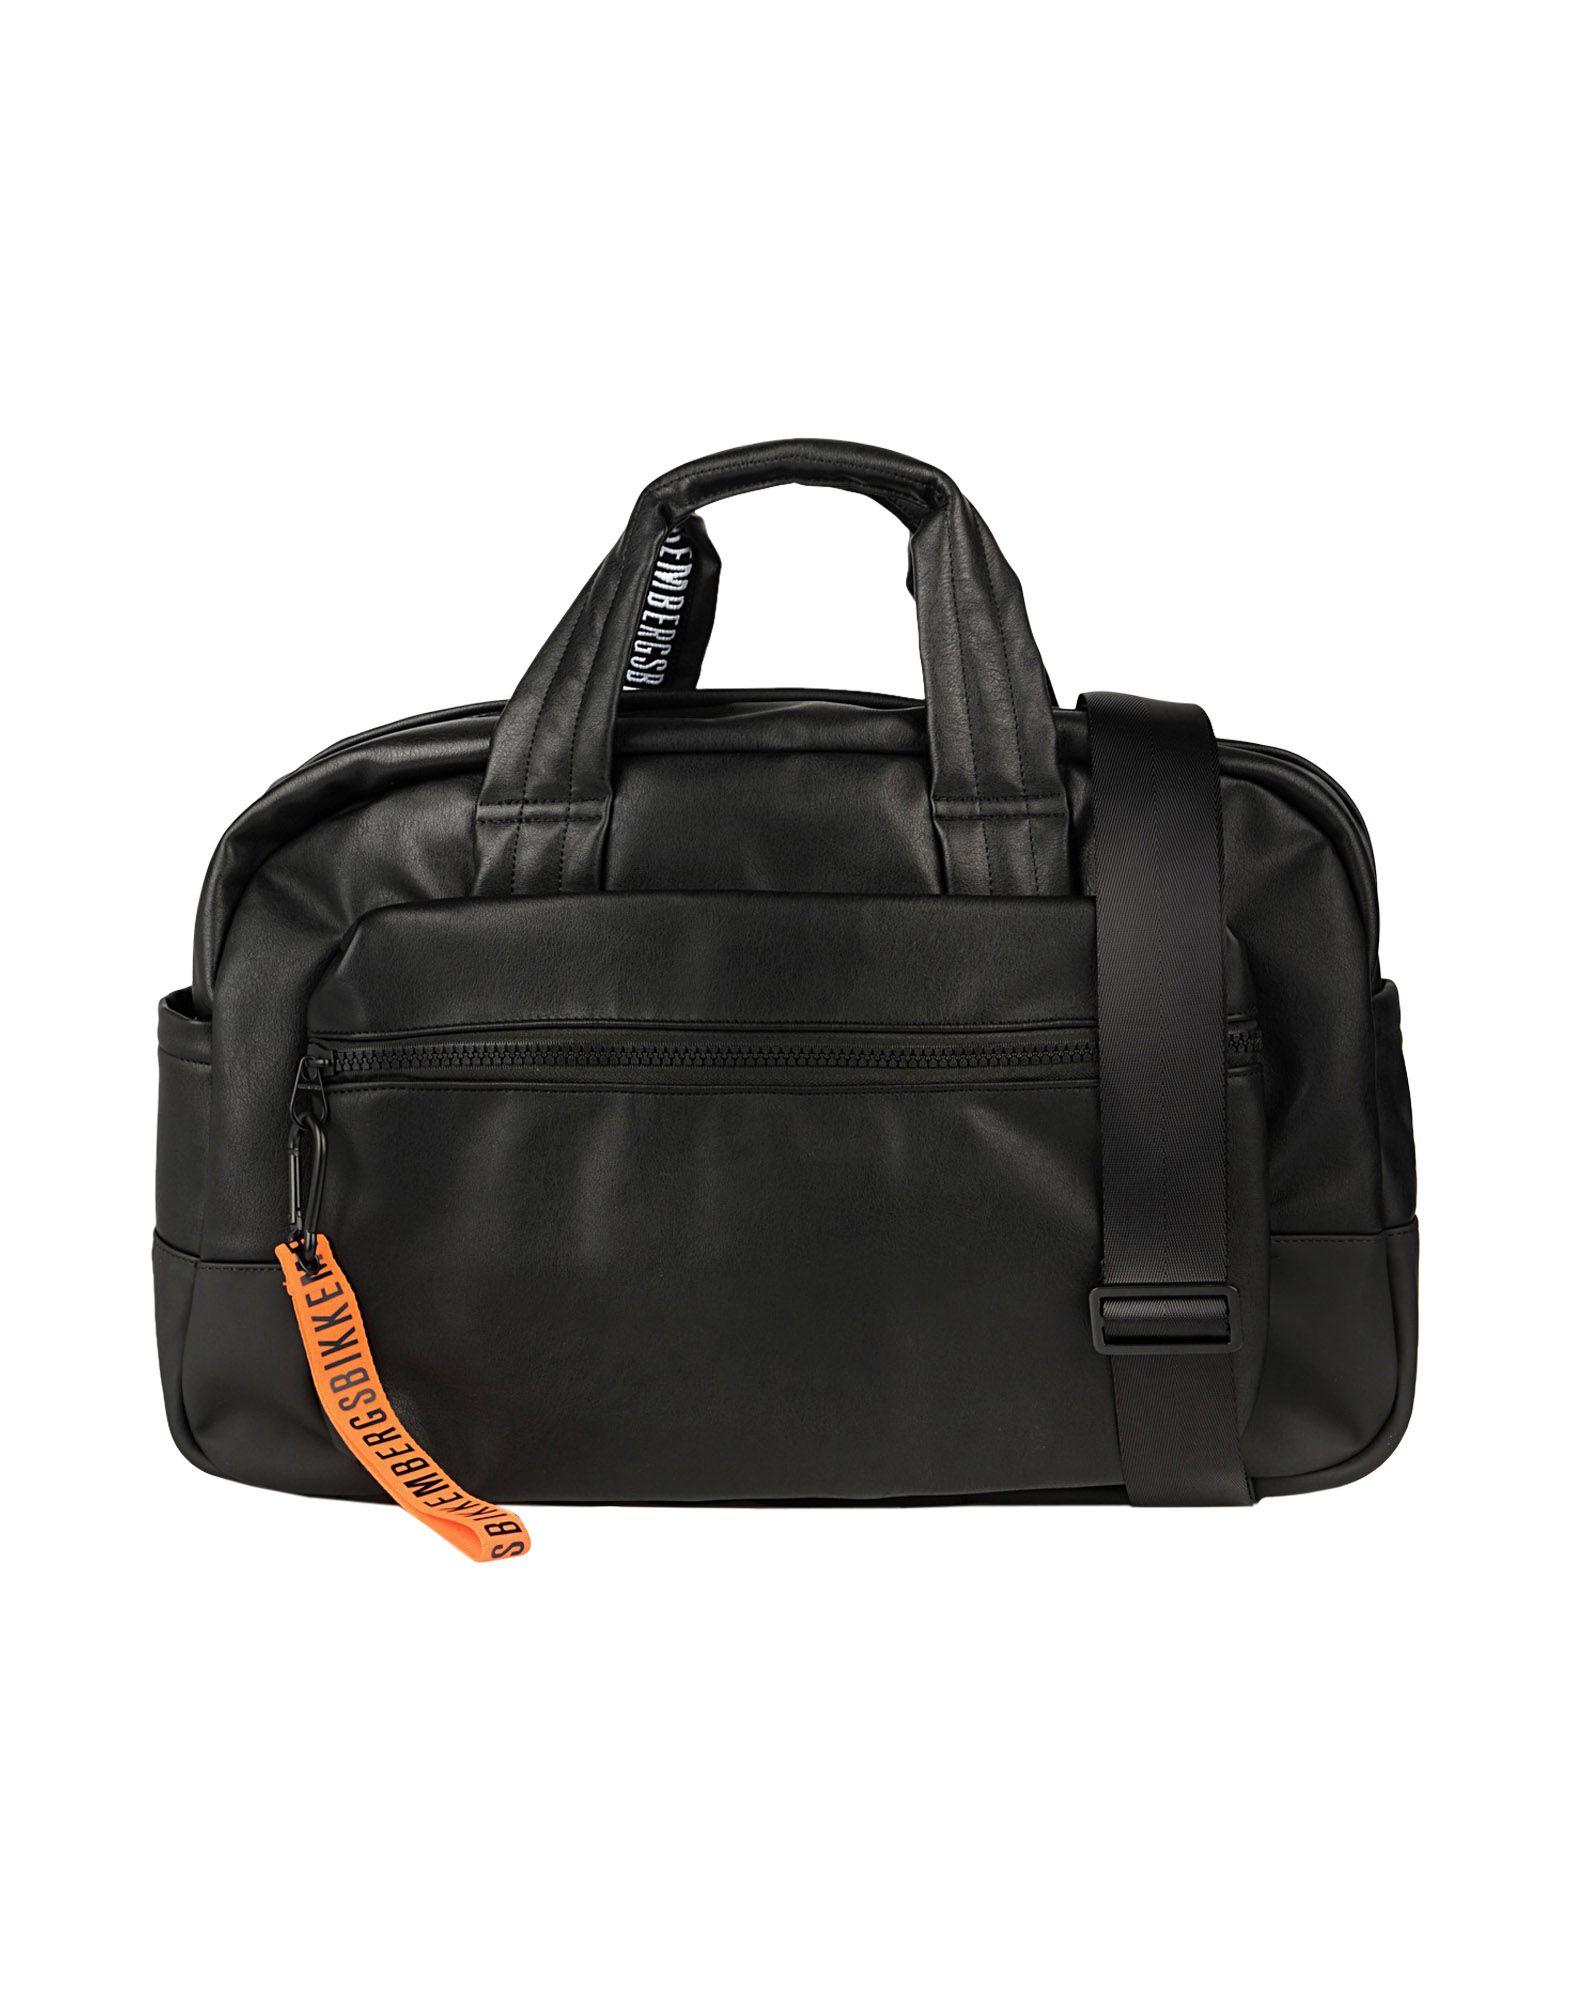 《送料無料》BIKKEMBERGS メンズ 旅行バッグ ブラック ポリウレタン 100%